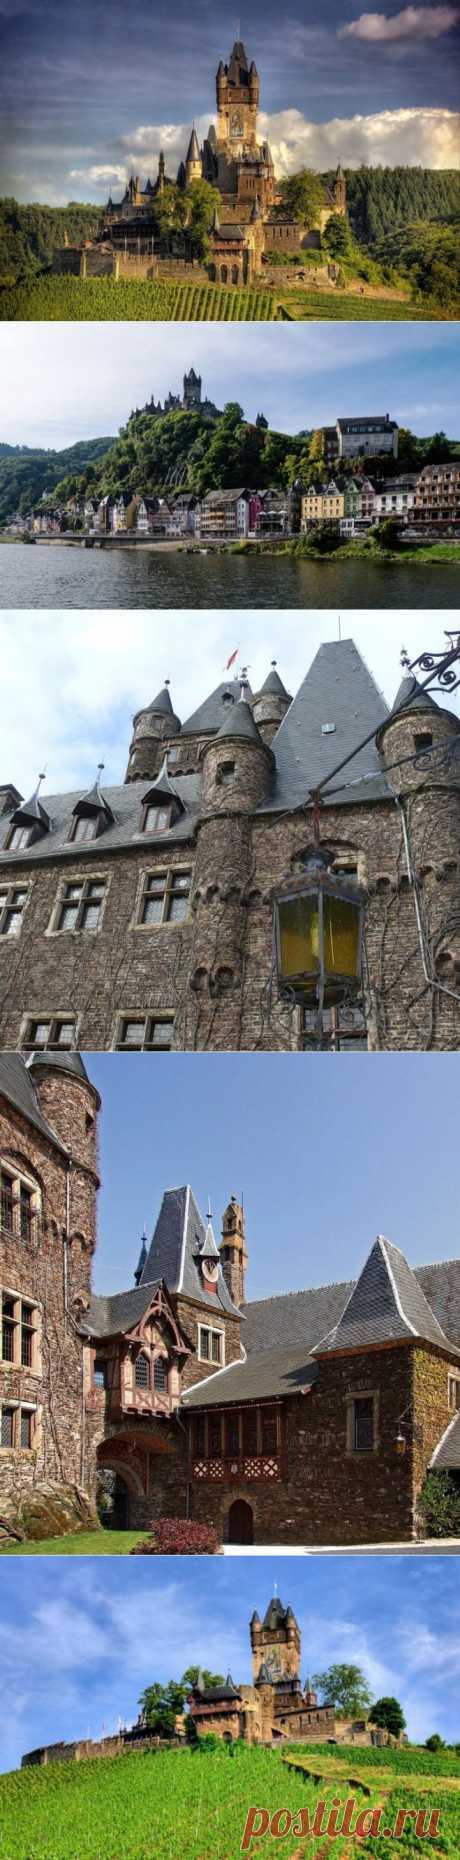 (+1) тема - Тысячелетняя имперская крепость: великолепный замок Райхсбург в Кохеме | Среда обитания